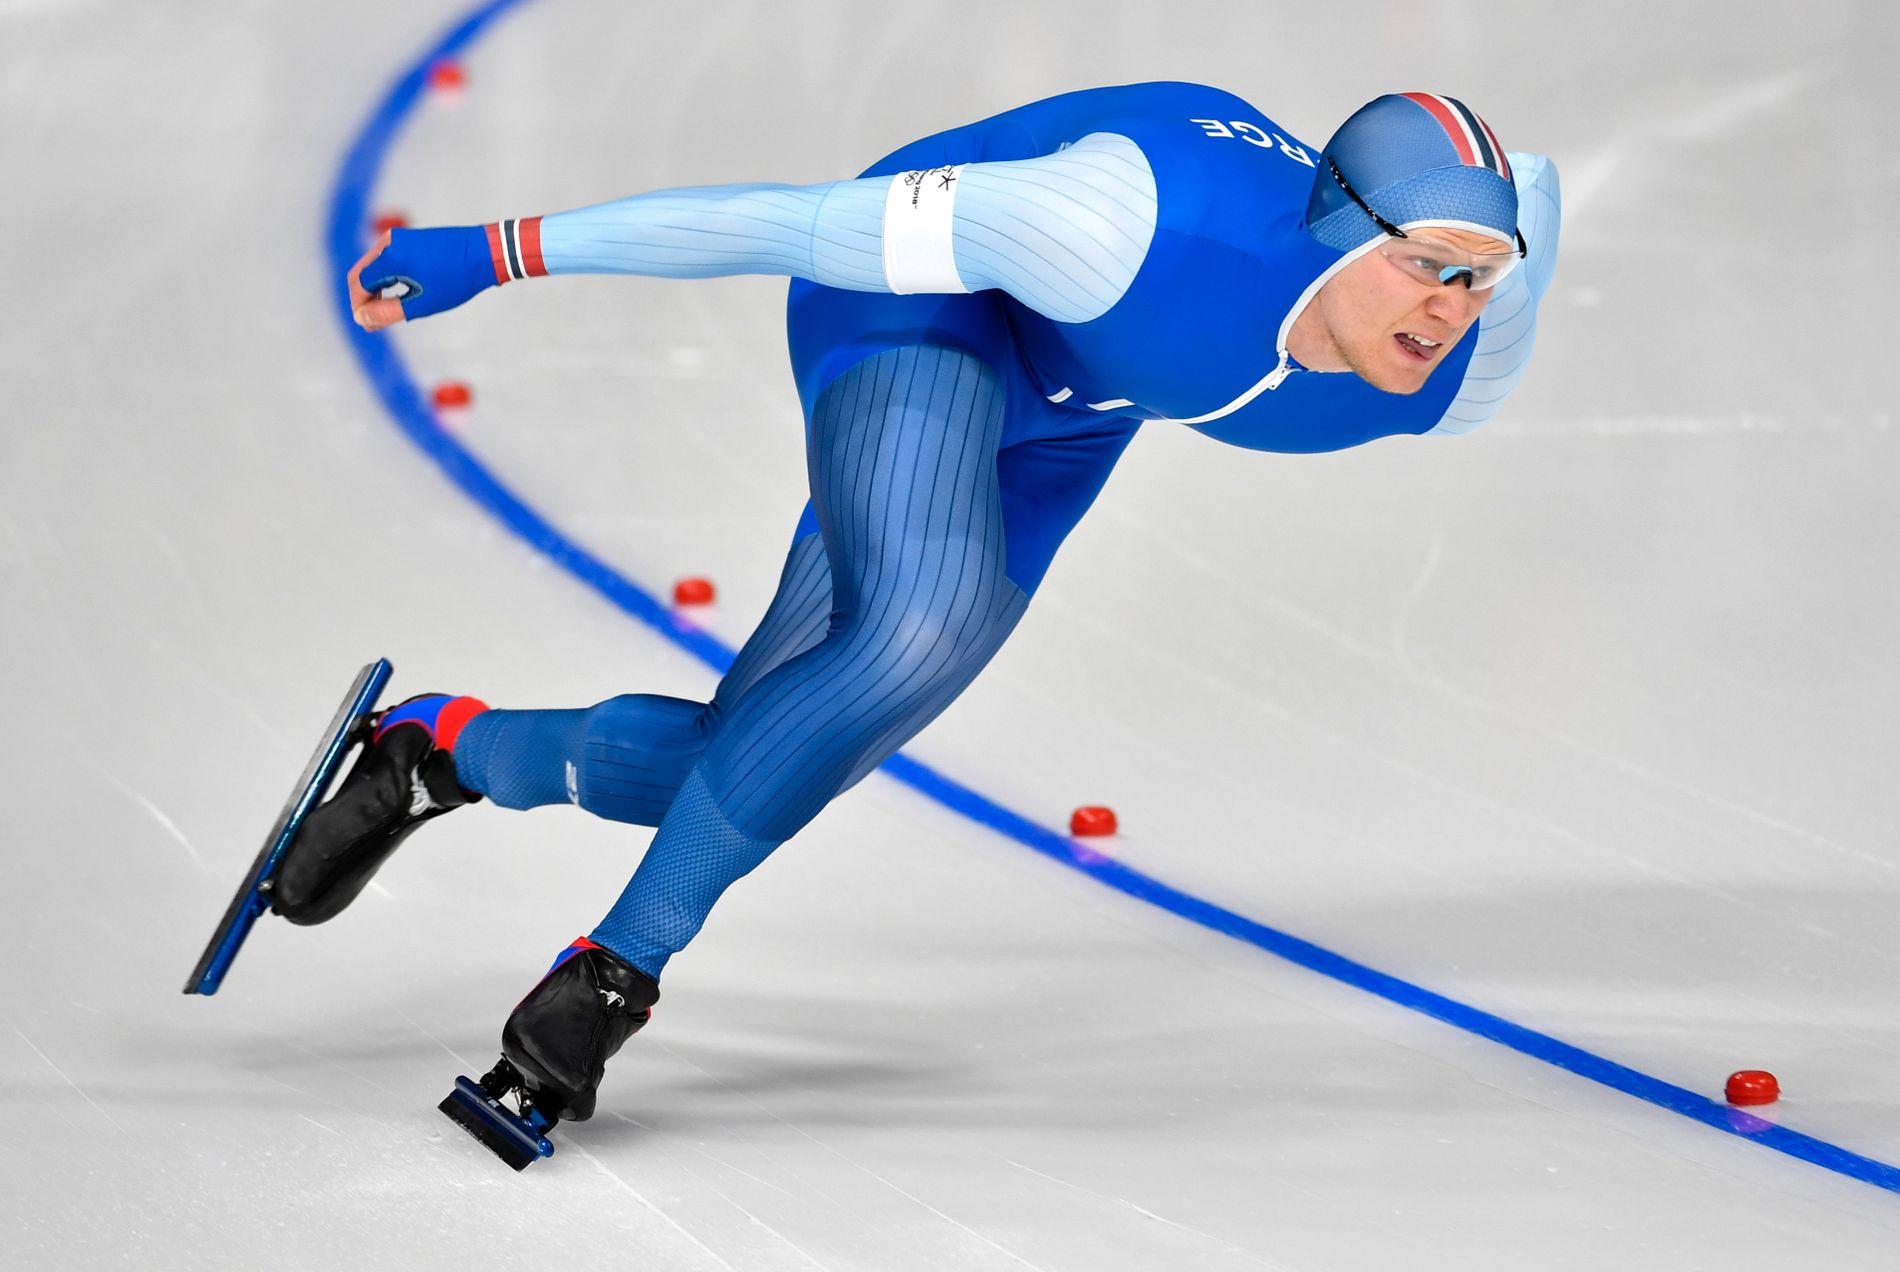 TOPP PÅ TUSEN: Håvard Lorentzen (26) har gryende form, og sikret dobbel pallplass i Polen. Bildet er fra OL i Pyeongchang i februar.